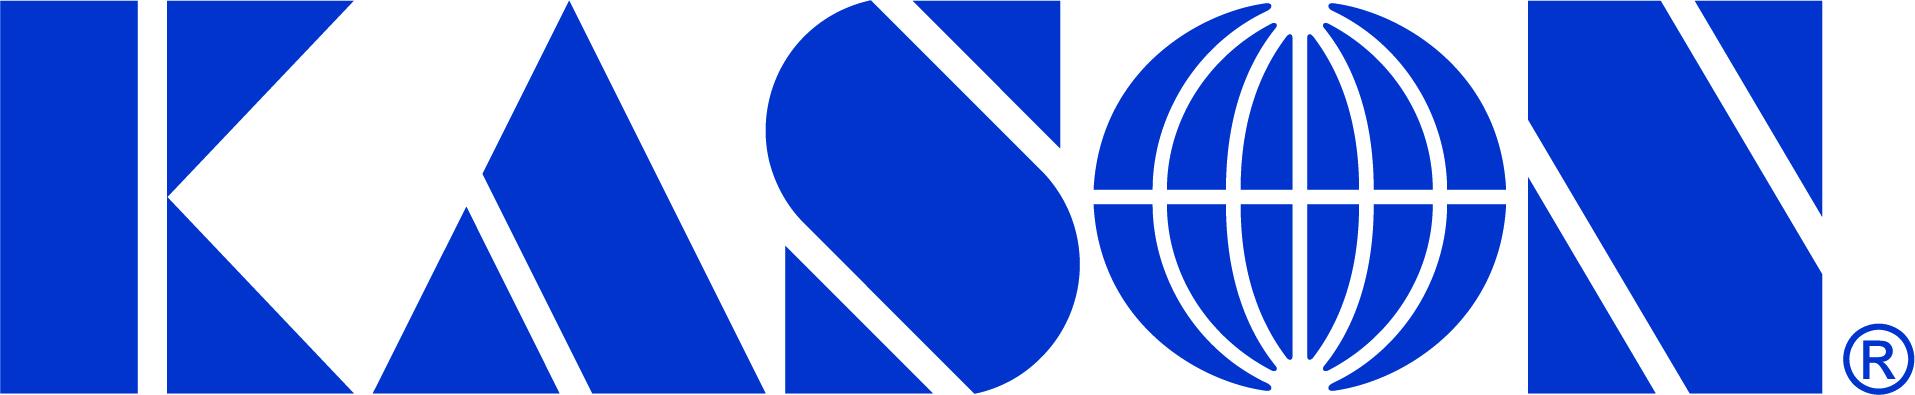 kason-logo-4c-pms287-1-.jpg